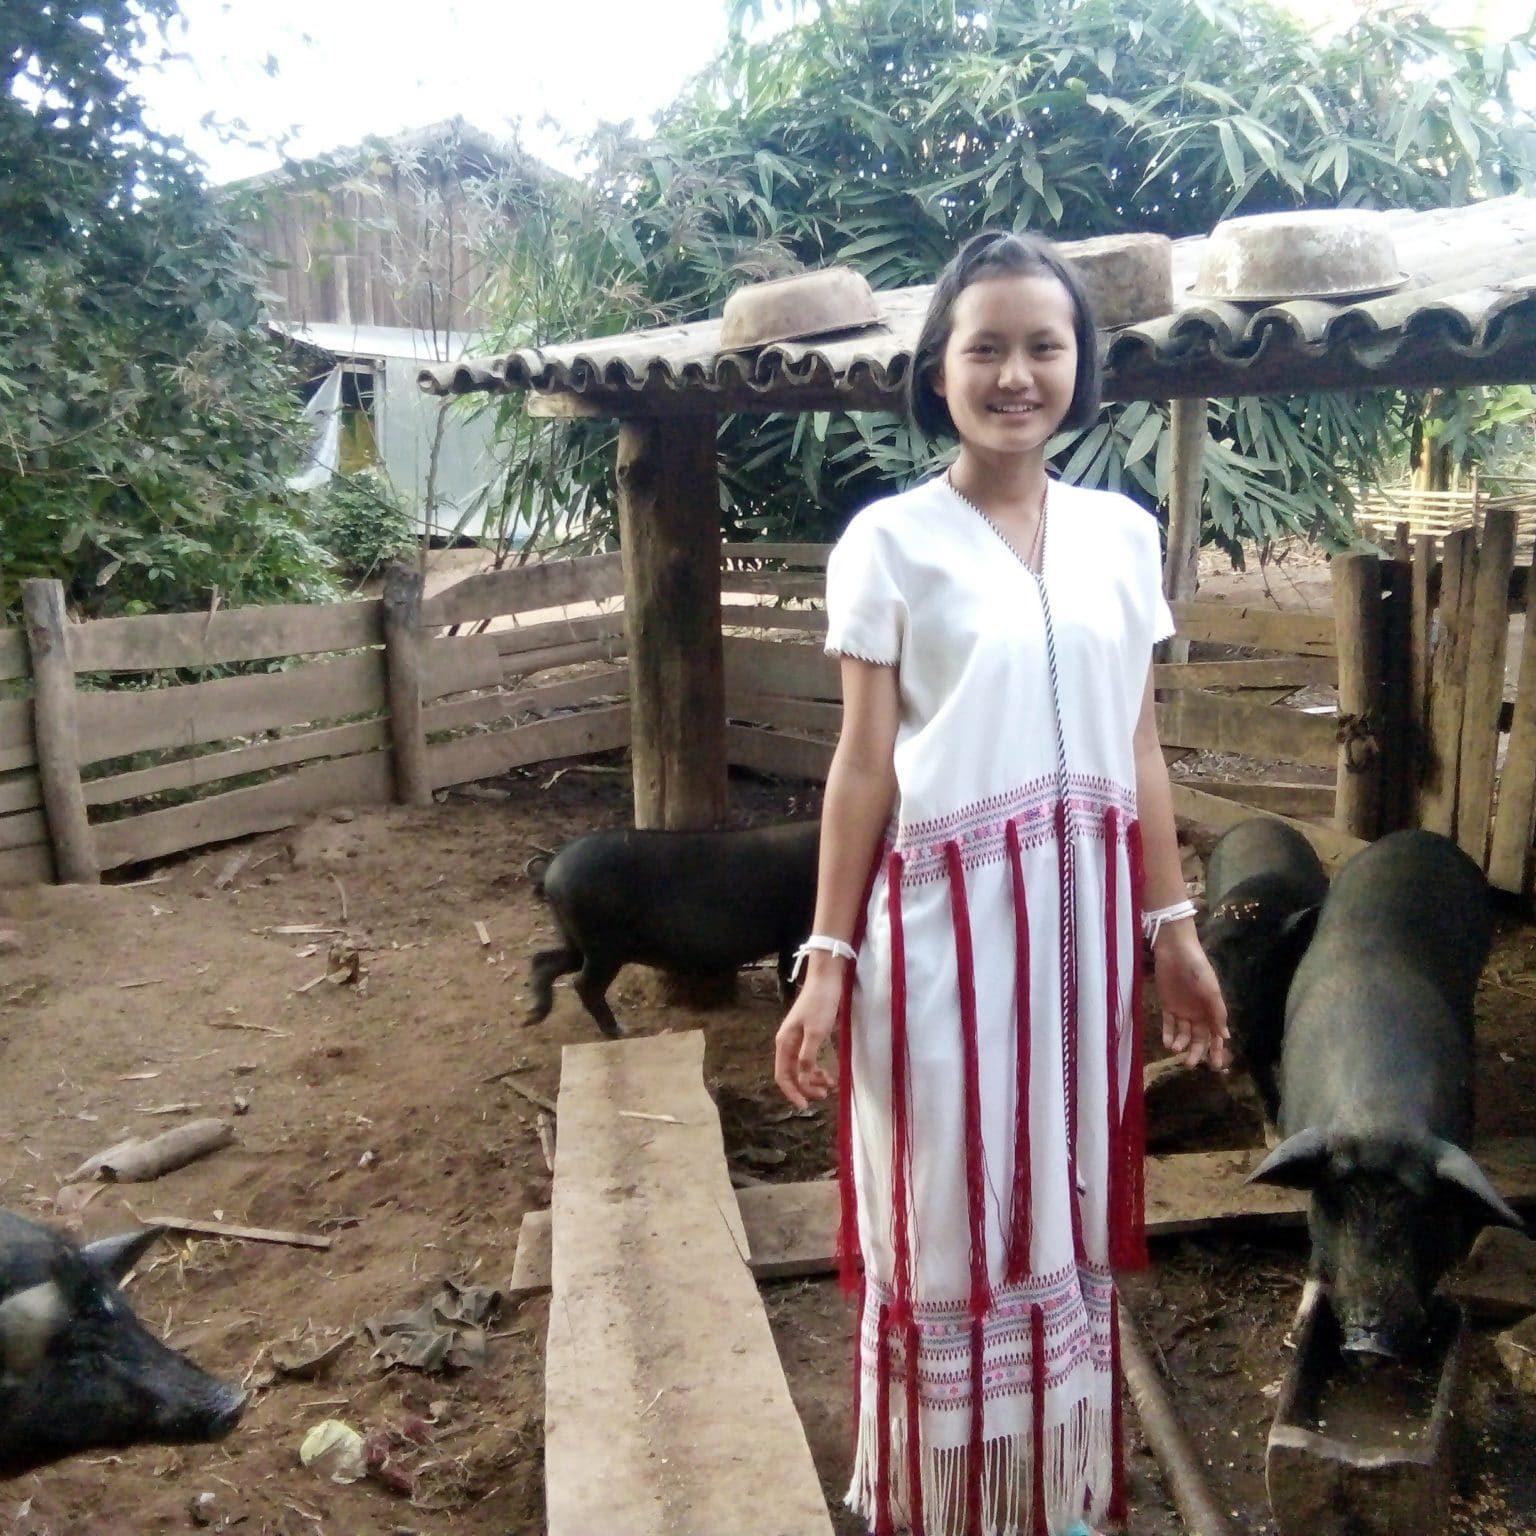 Waewwan With Her 4 Pigs 4